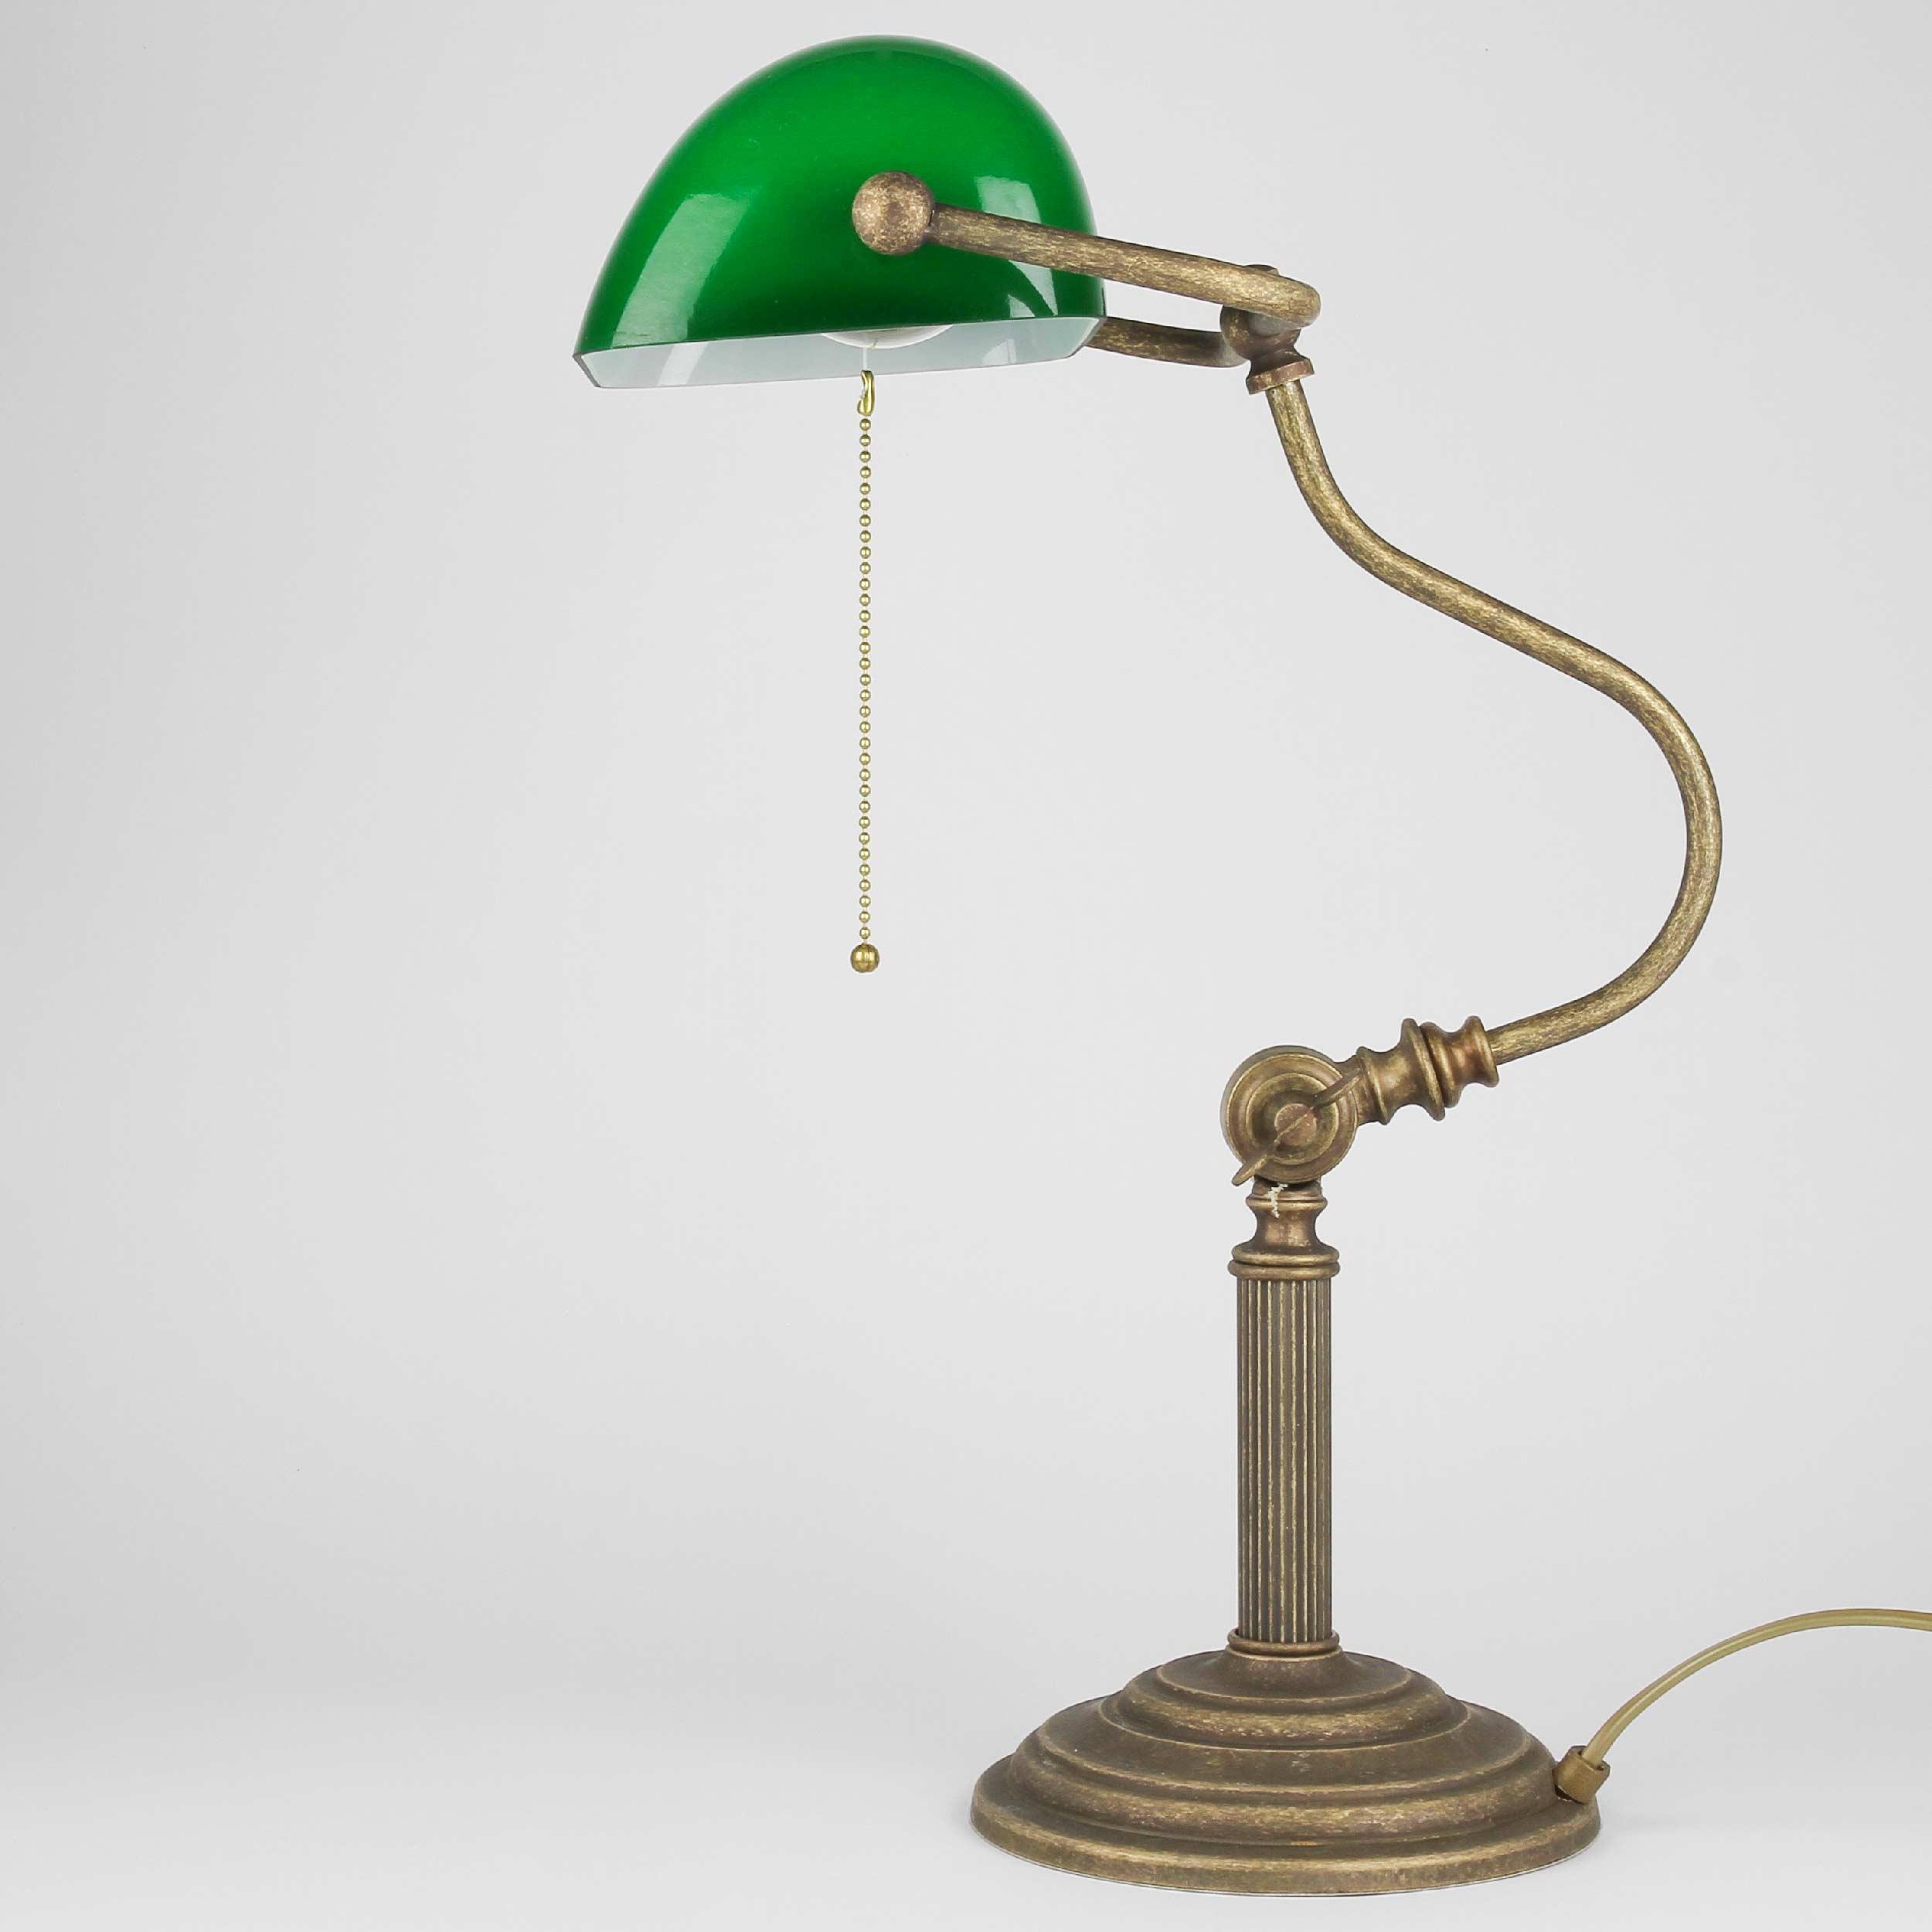 Premium Bankerlampe aus Messing in Antik Bronze Tischleuchte